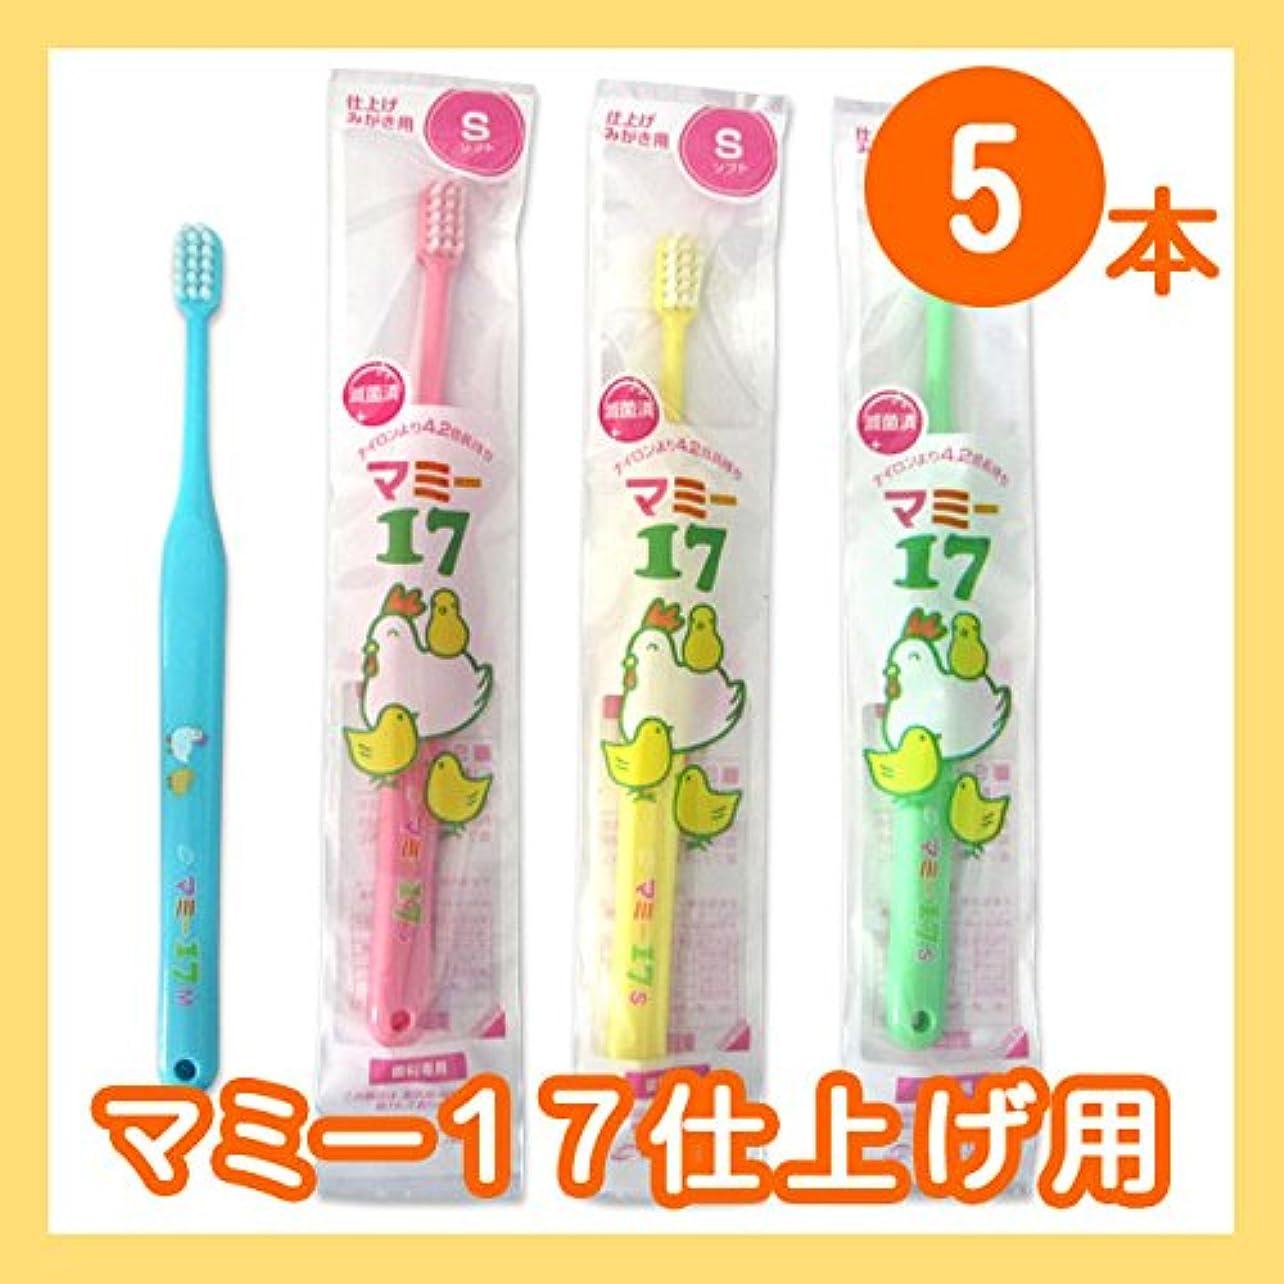 くしゃくしゃ劣る構造的オーラルケア マミー17 子供 点検?仕上げ磨き用 歯ブラシ 5本セット ミディアム ピンク